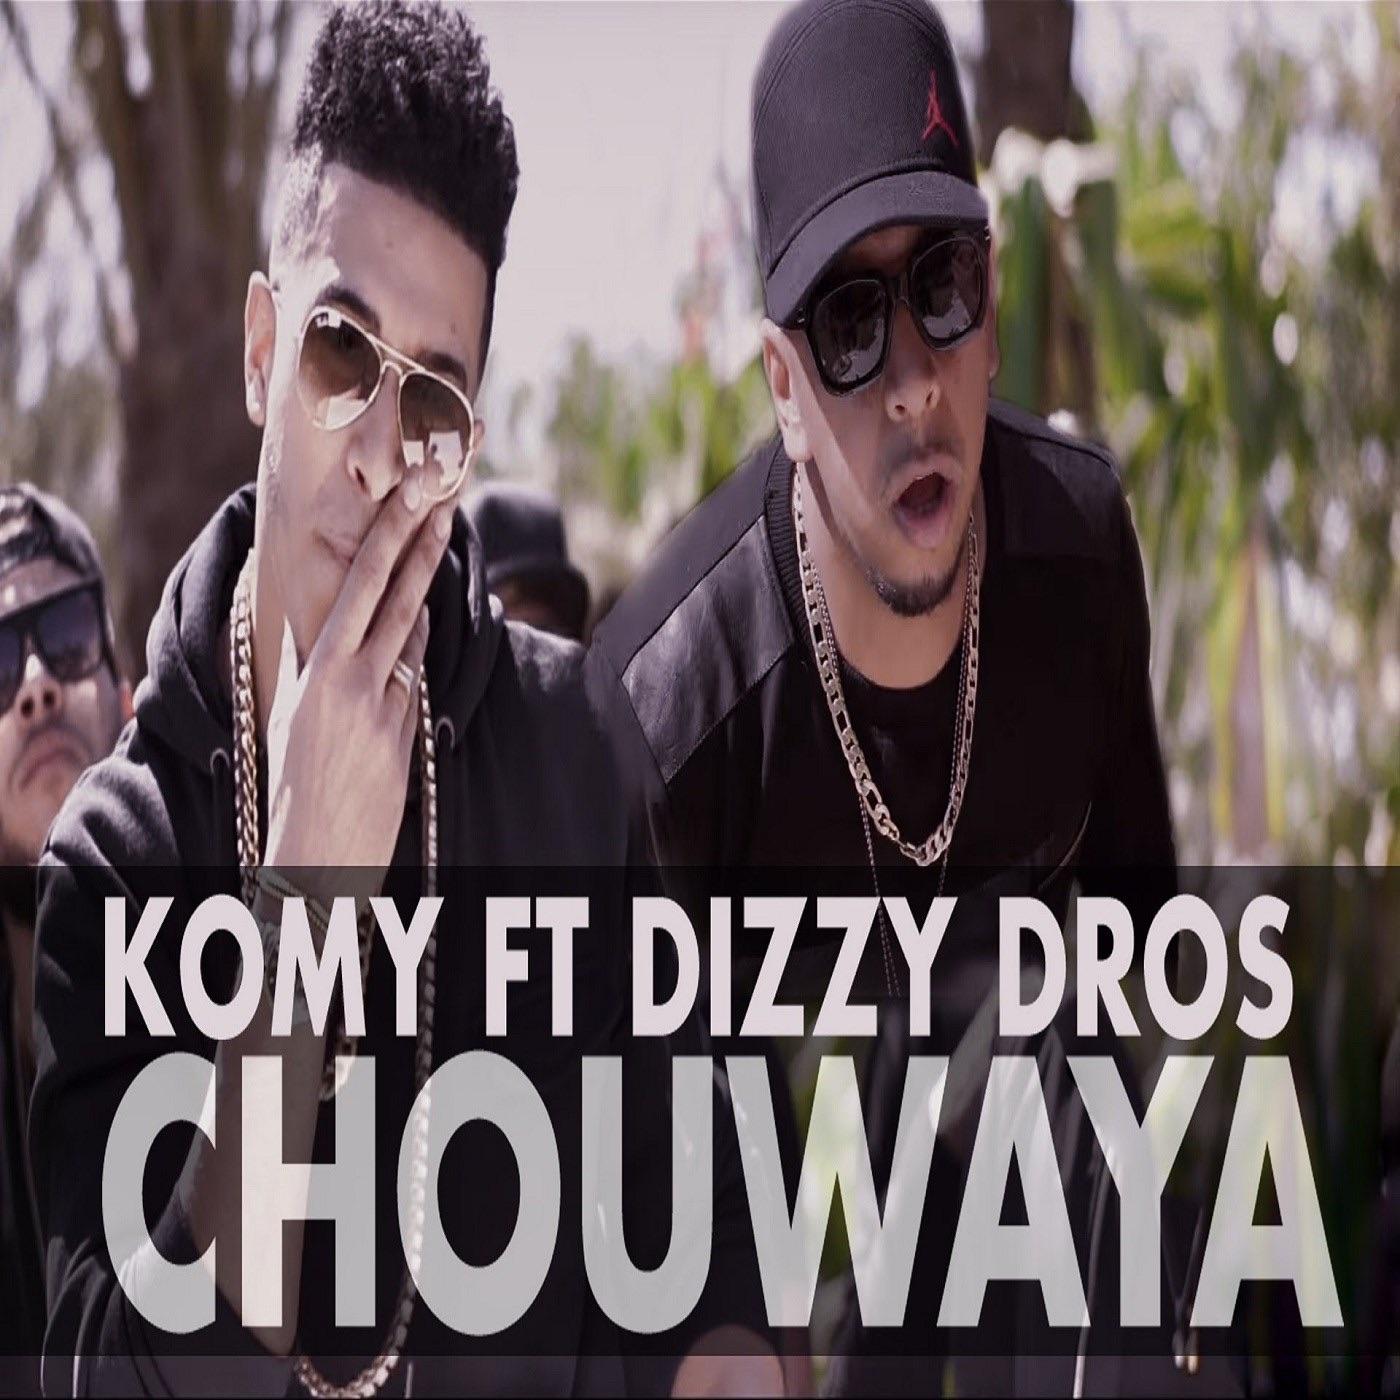 Chouwaya (feat. Dizzy Dros) - Single